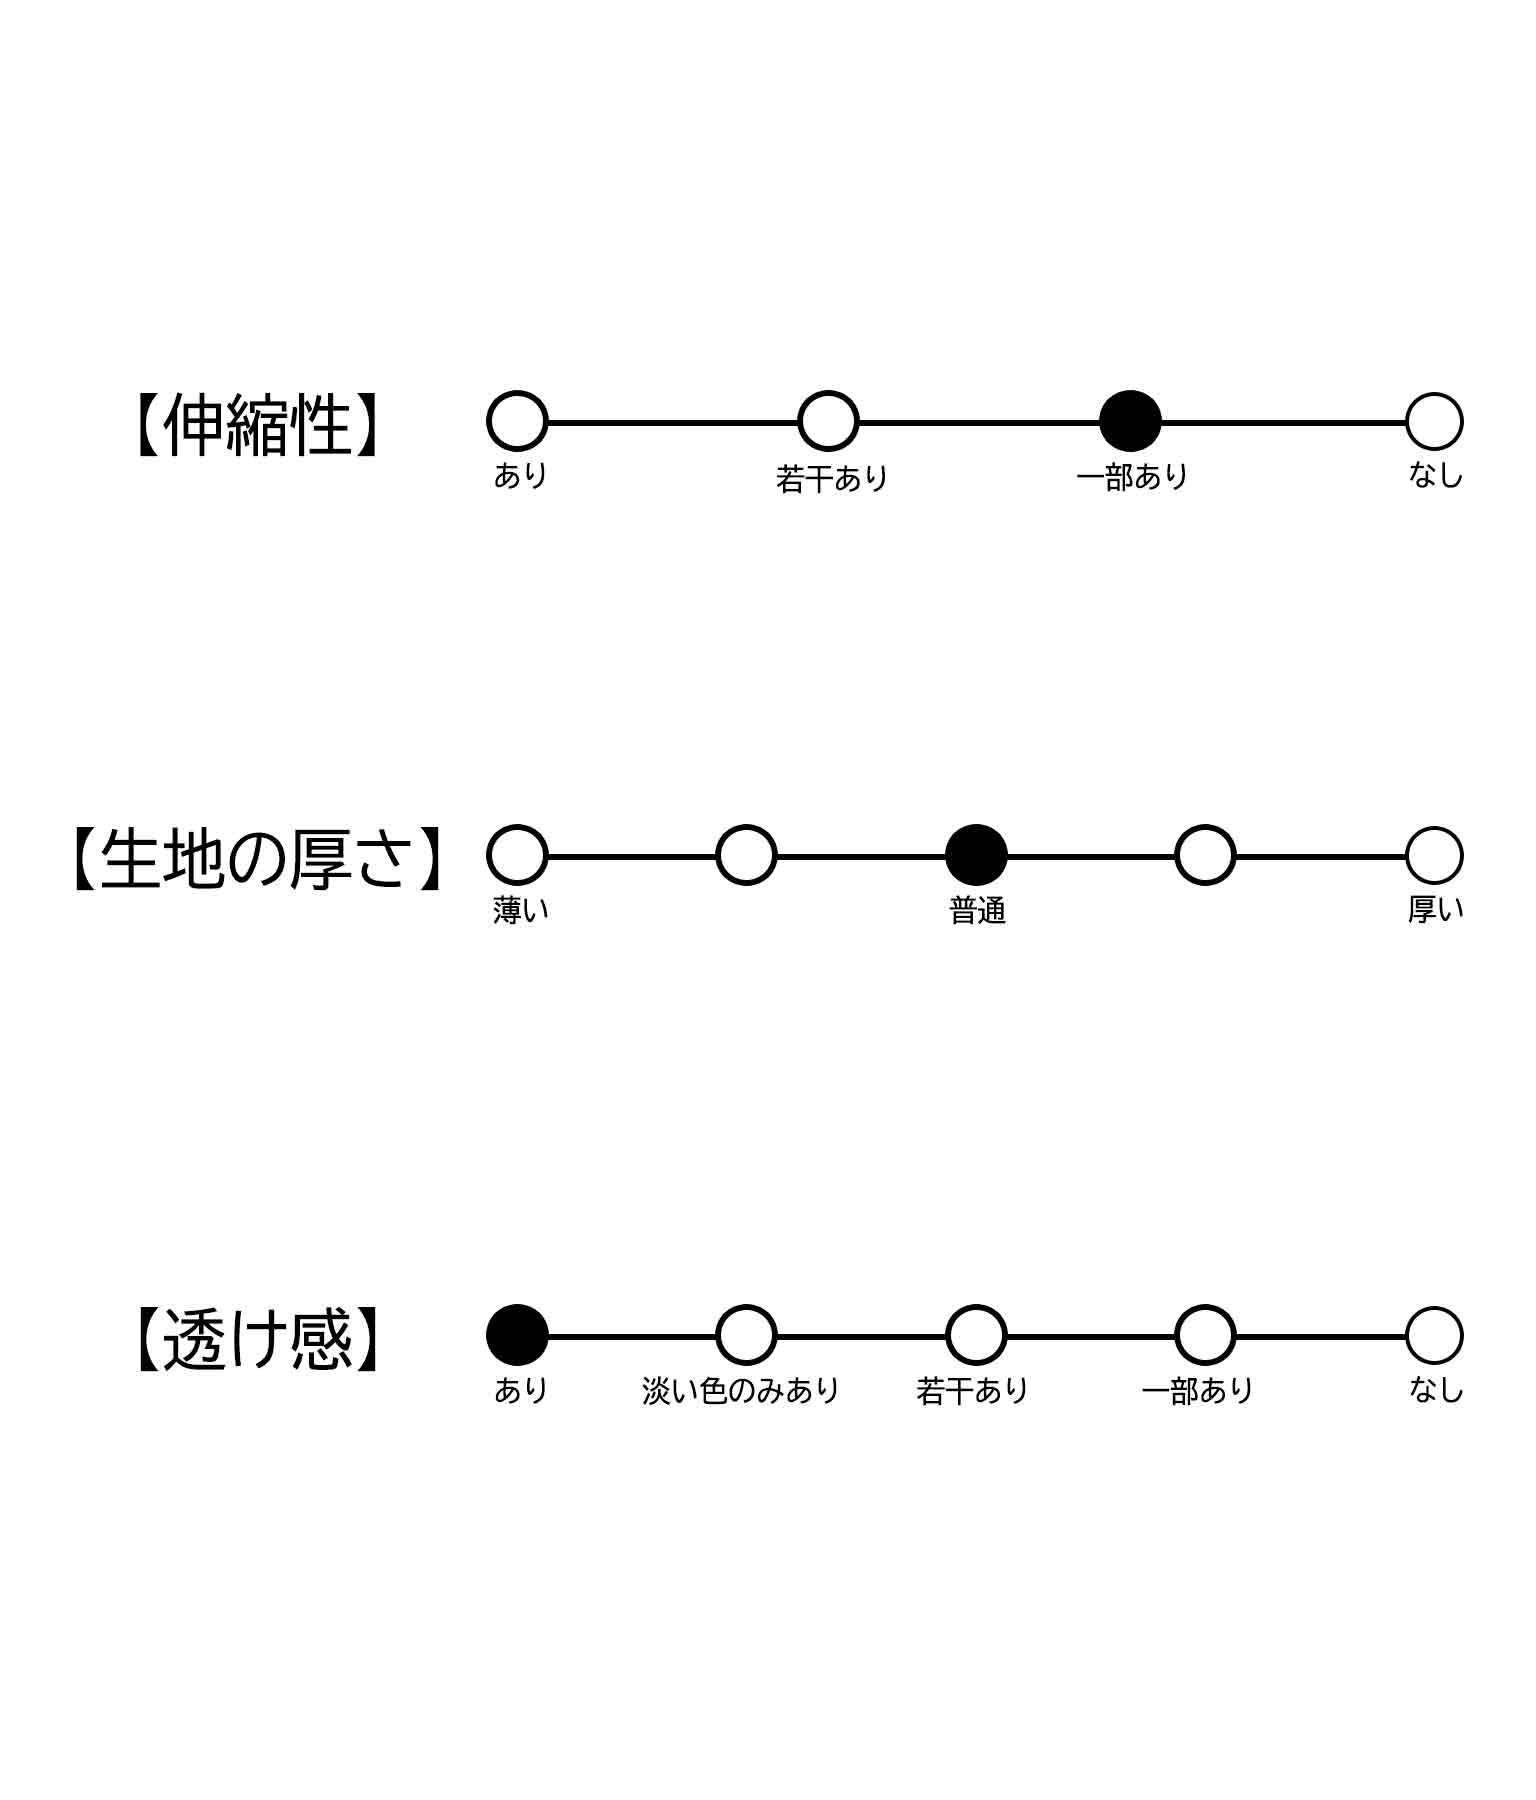 消しプリーツシフォンワンピース(ワンピース・ドレス/ロングワンピ) | CHILLE